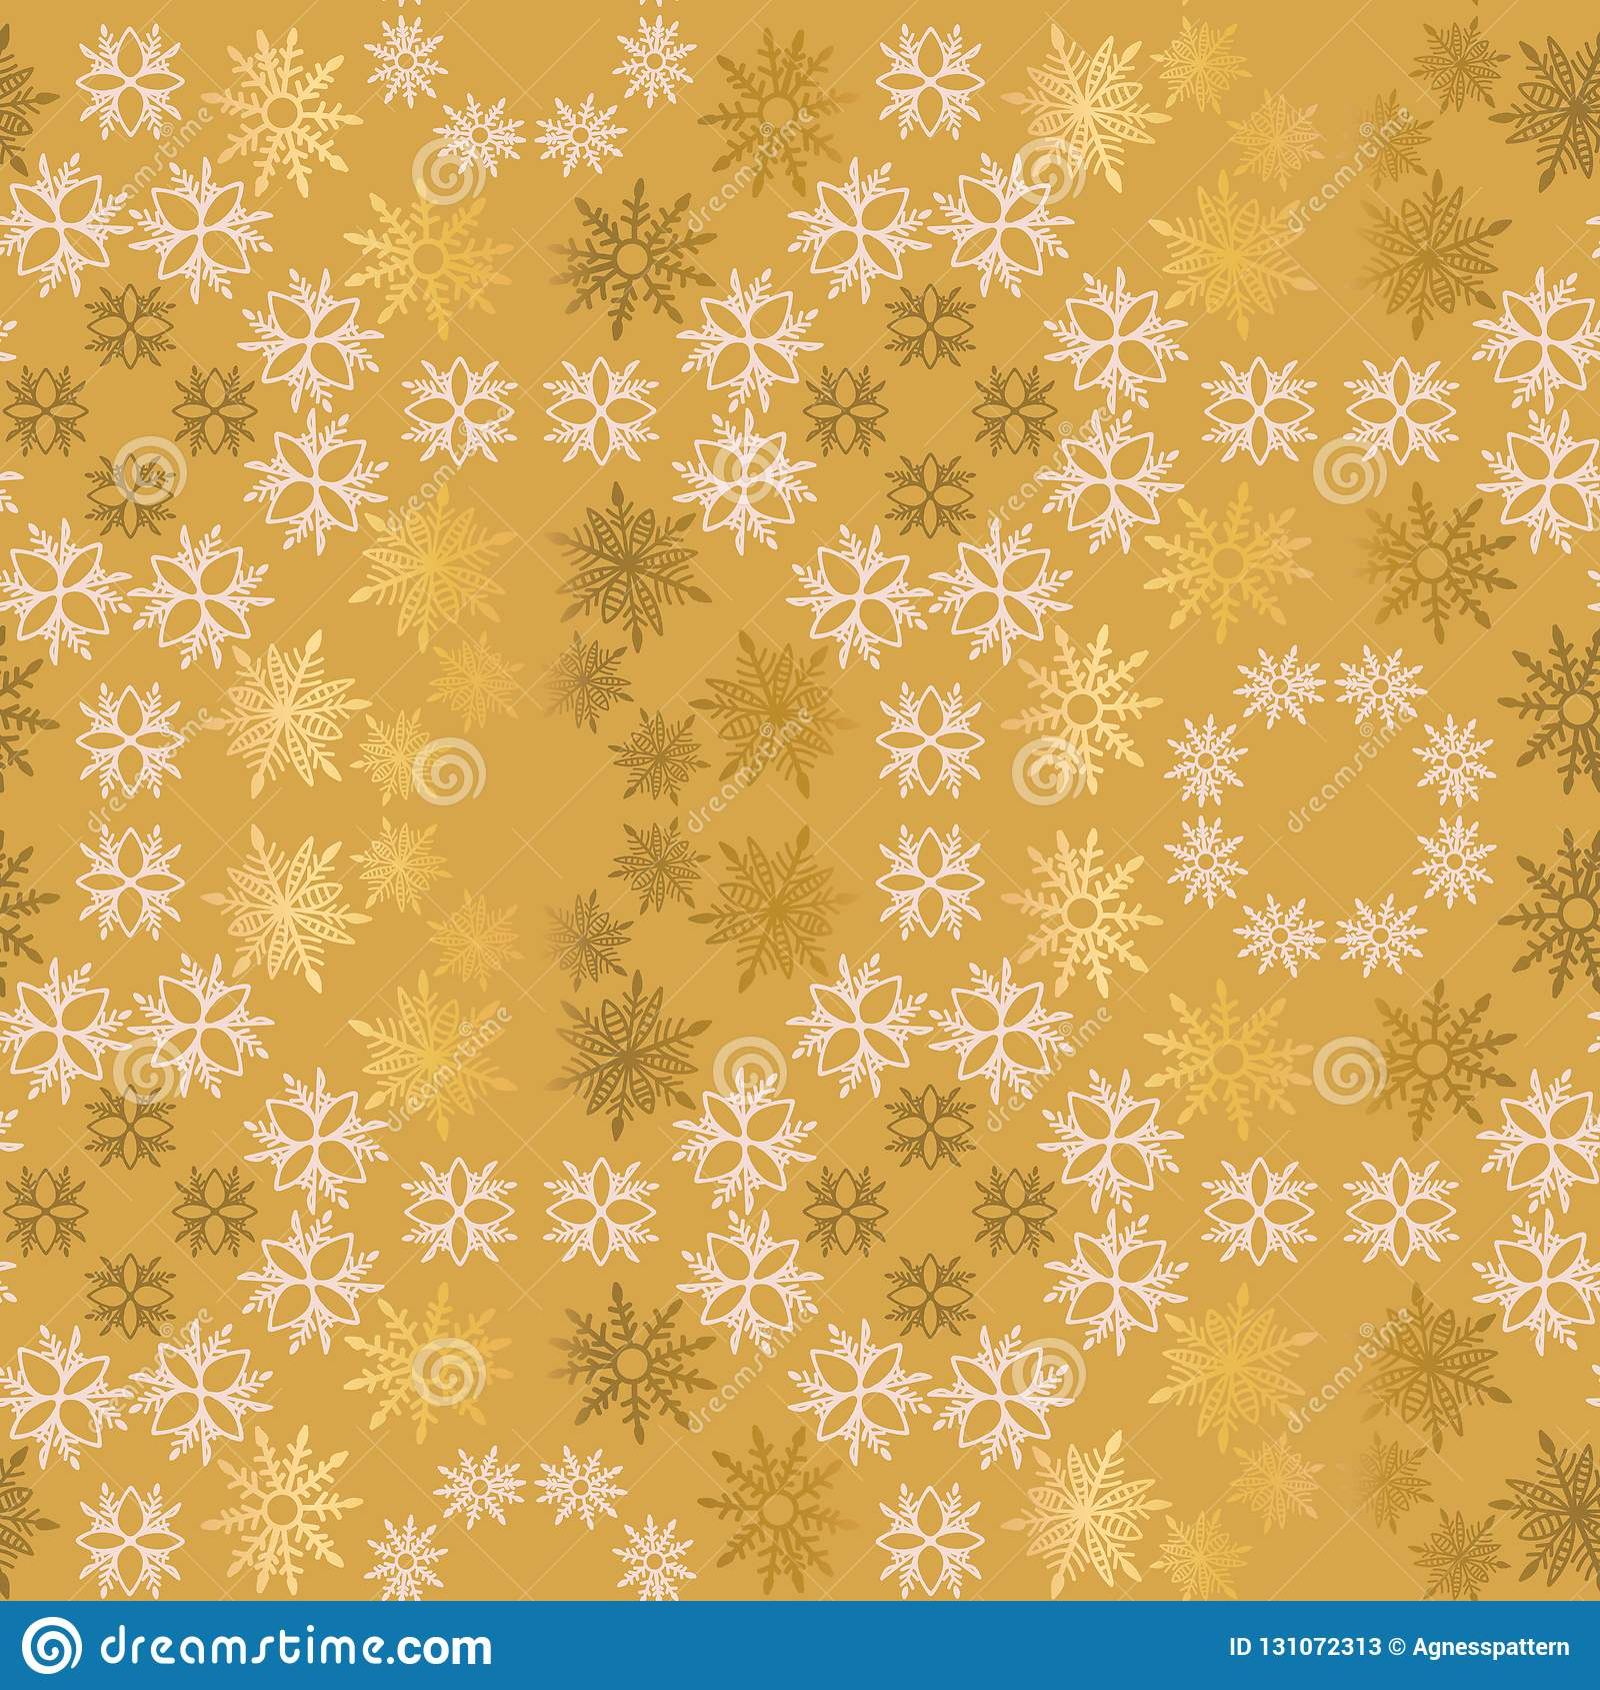 Einfaches dekoratives nahtloses Vektormuster der goldenen und hellrosa Schneeflocke Abstrakte Tapete, Dekoration einwickelnd